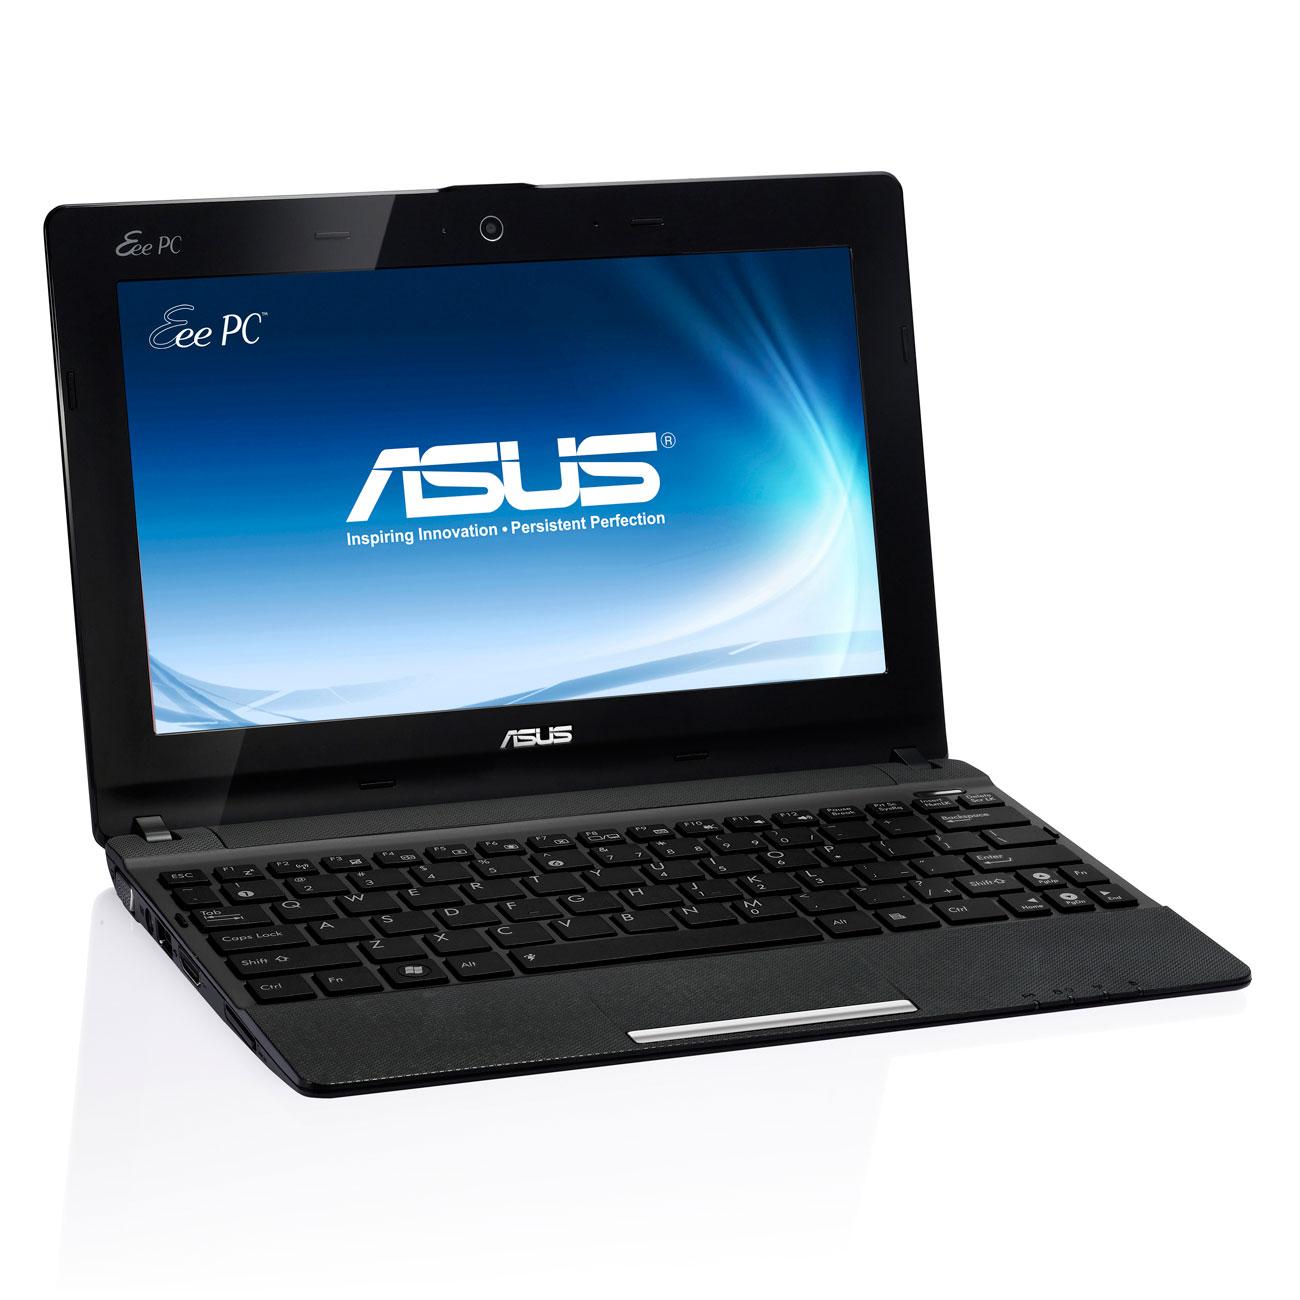 """LDLC.com ASUS Eee PC X101CH-BLK007U Intel Atom N2600 1 Go 320 Go 10.1"""" LED Wi-Fi N Webcam Ubuntu"""